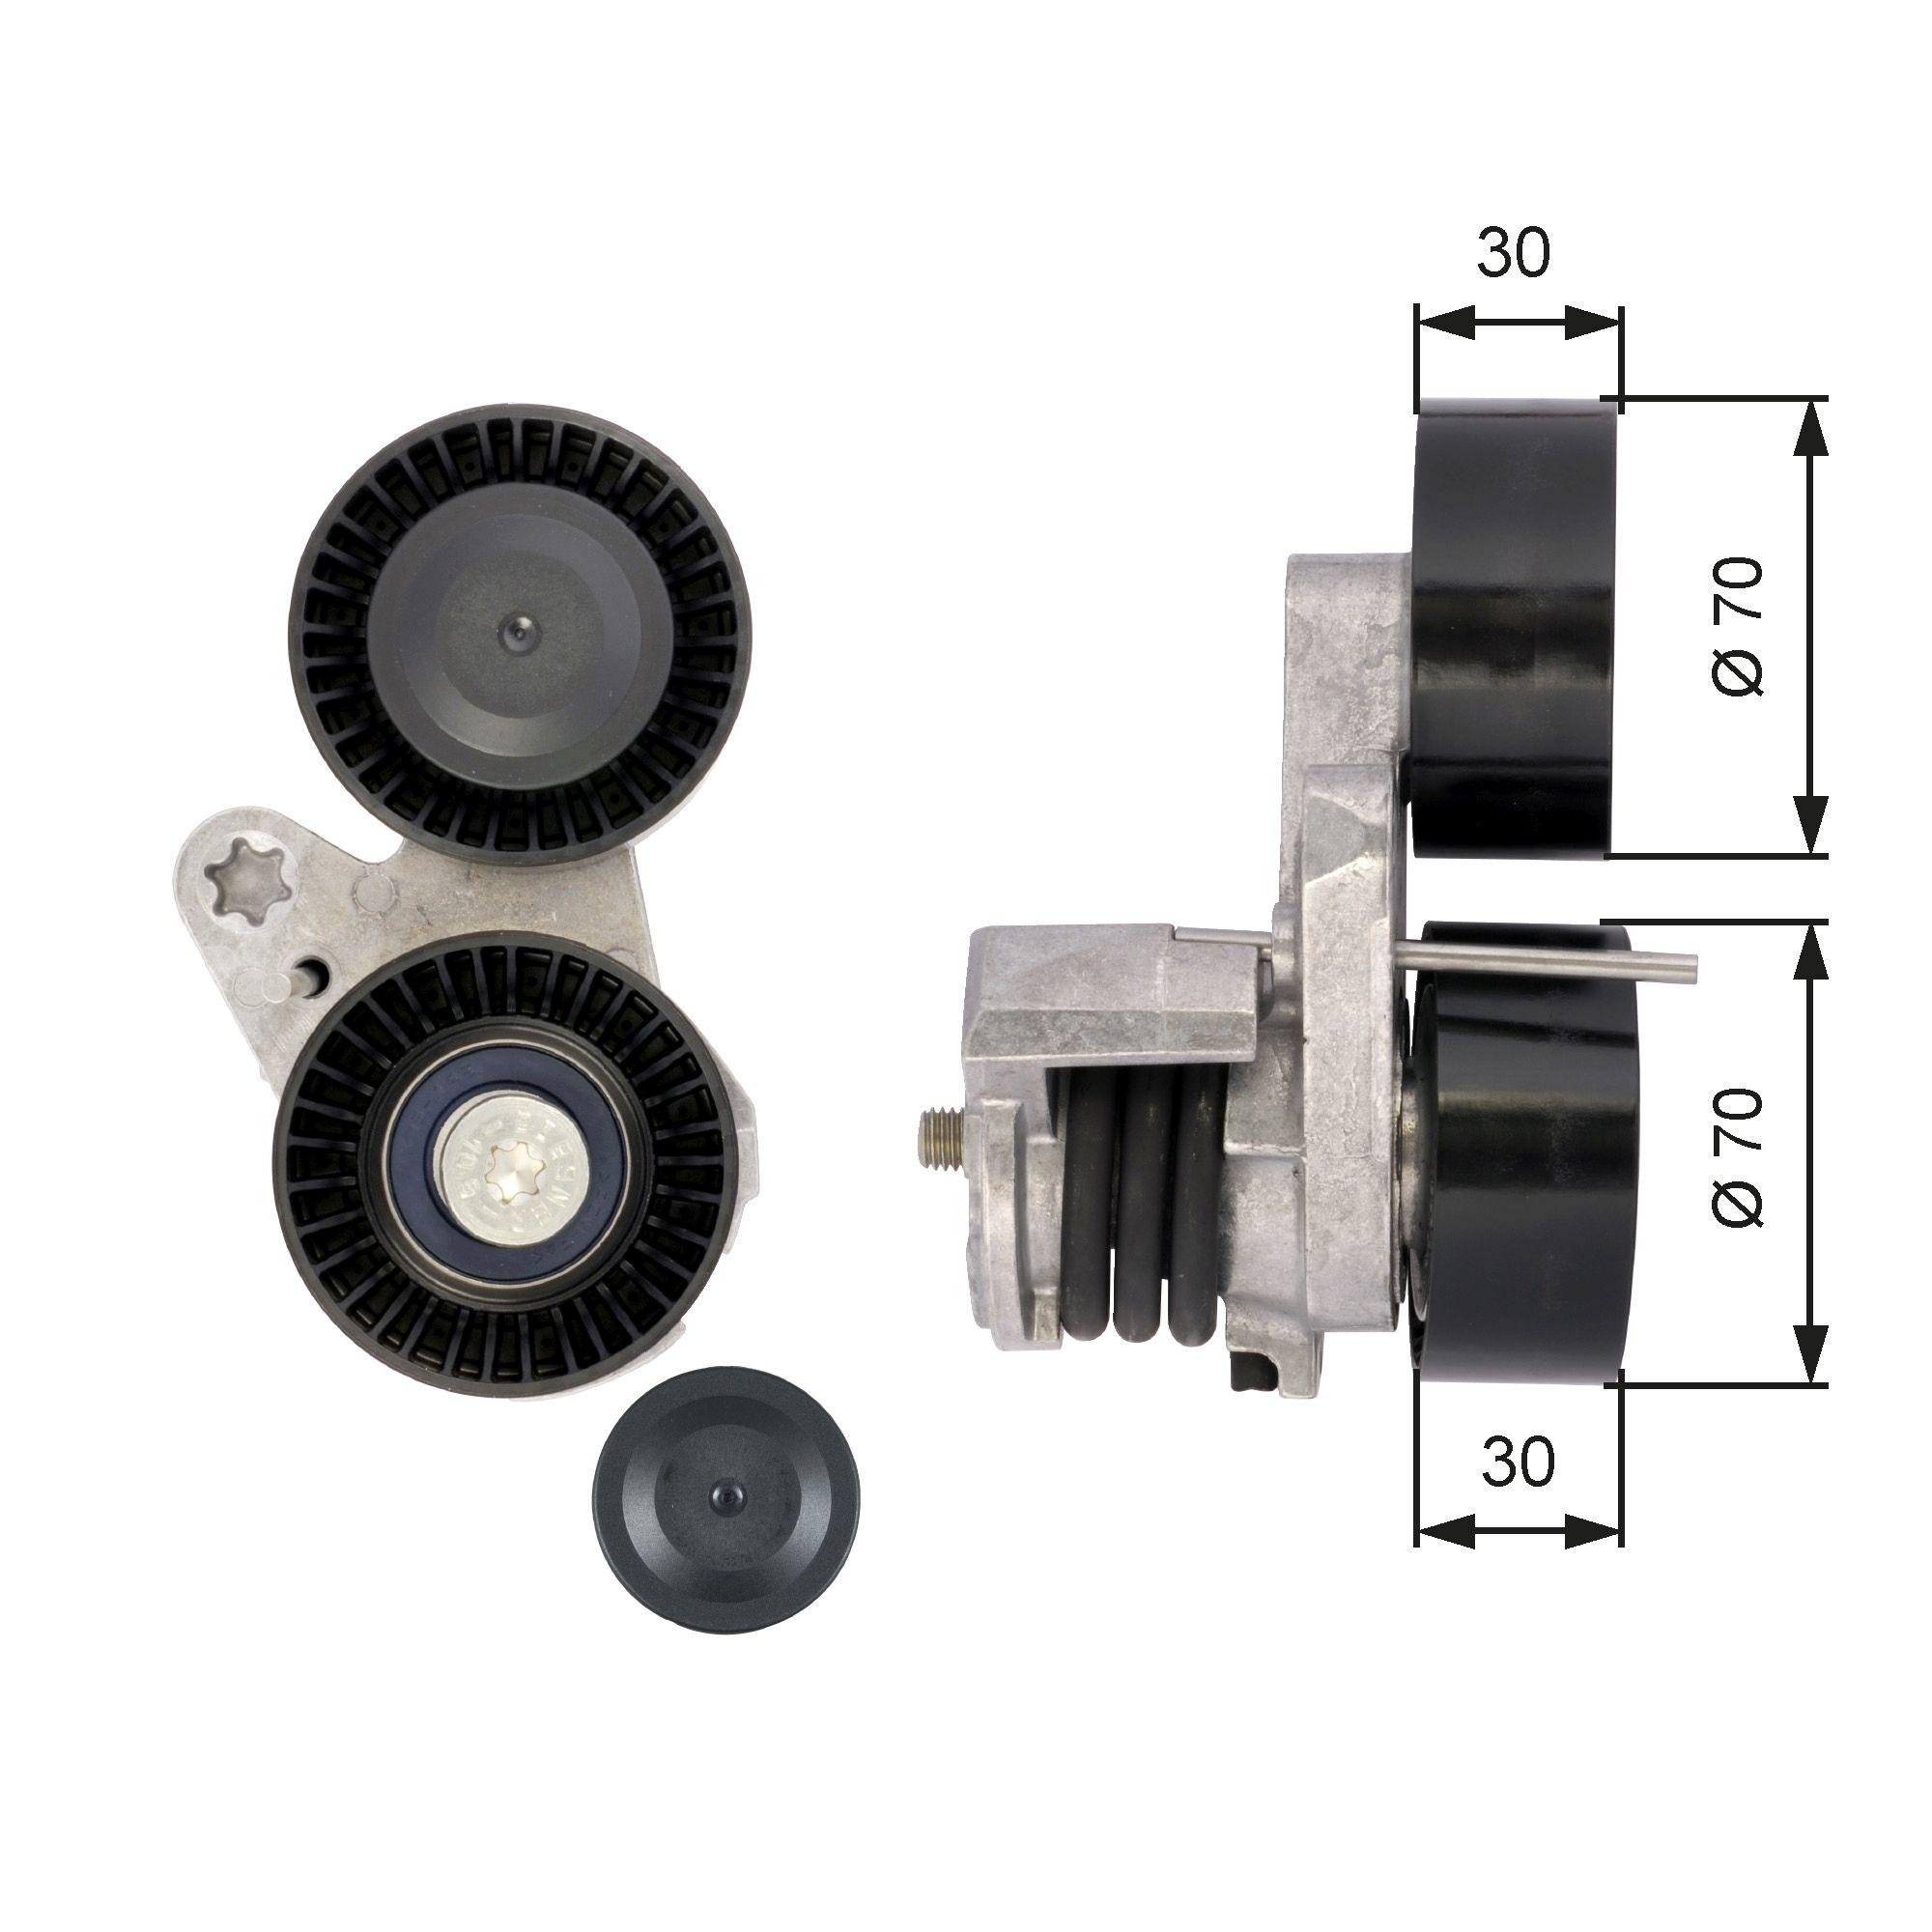 780821514 GATES FleetRunner™ Micro-V® Kit Spannrolle, Keilrippenriemen T39114 günstig kaufen